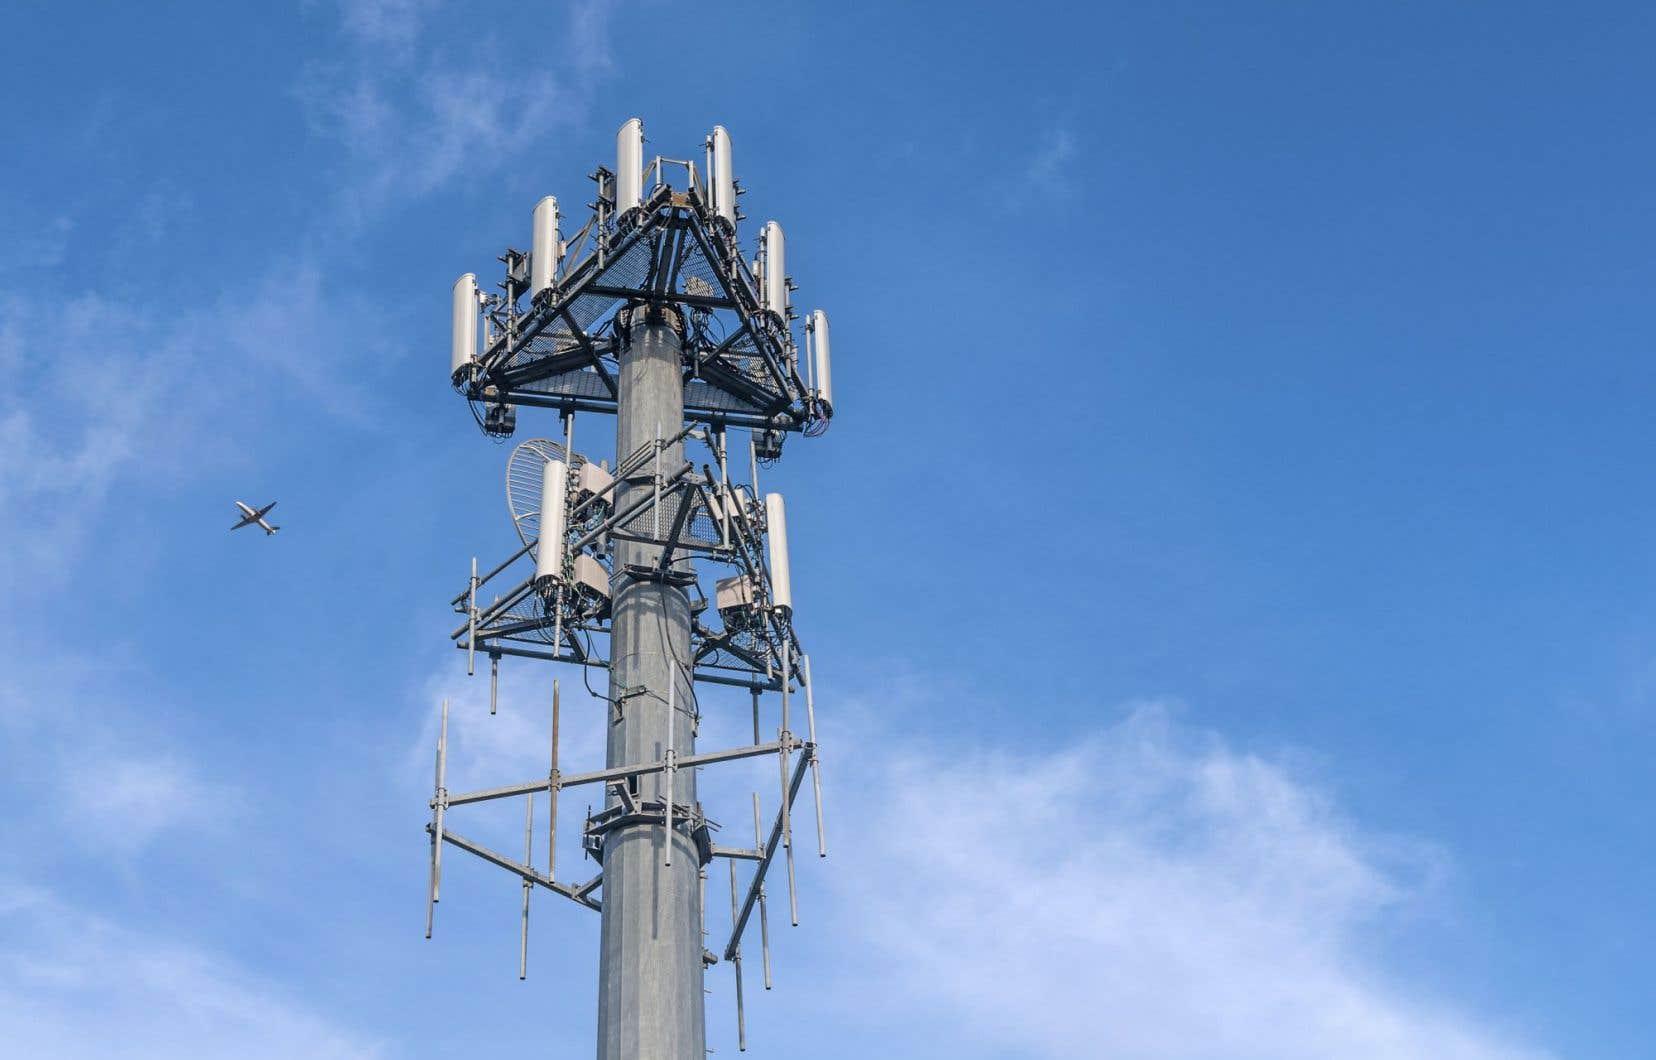 L'affaire remonte à 2007, lorsque Rogers décide d'ériger une antenne à Châteauguay pour son réseau de téléphonie sans fil.